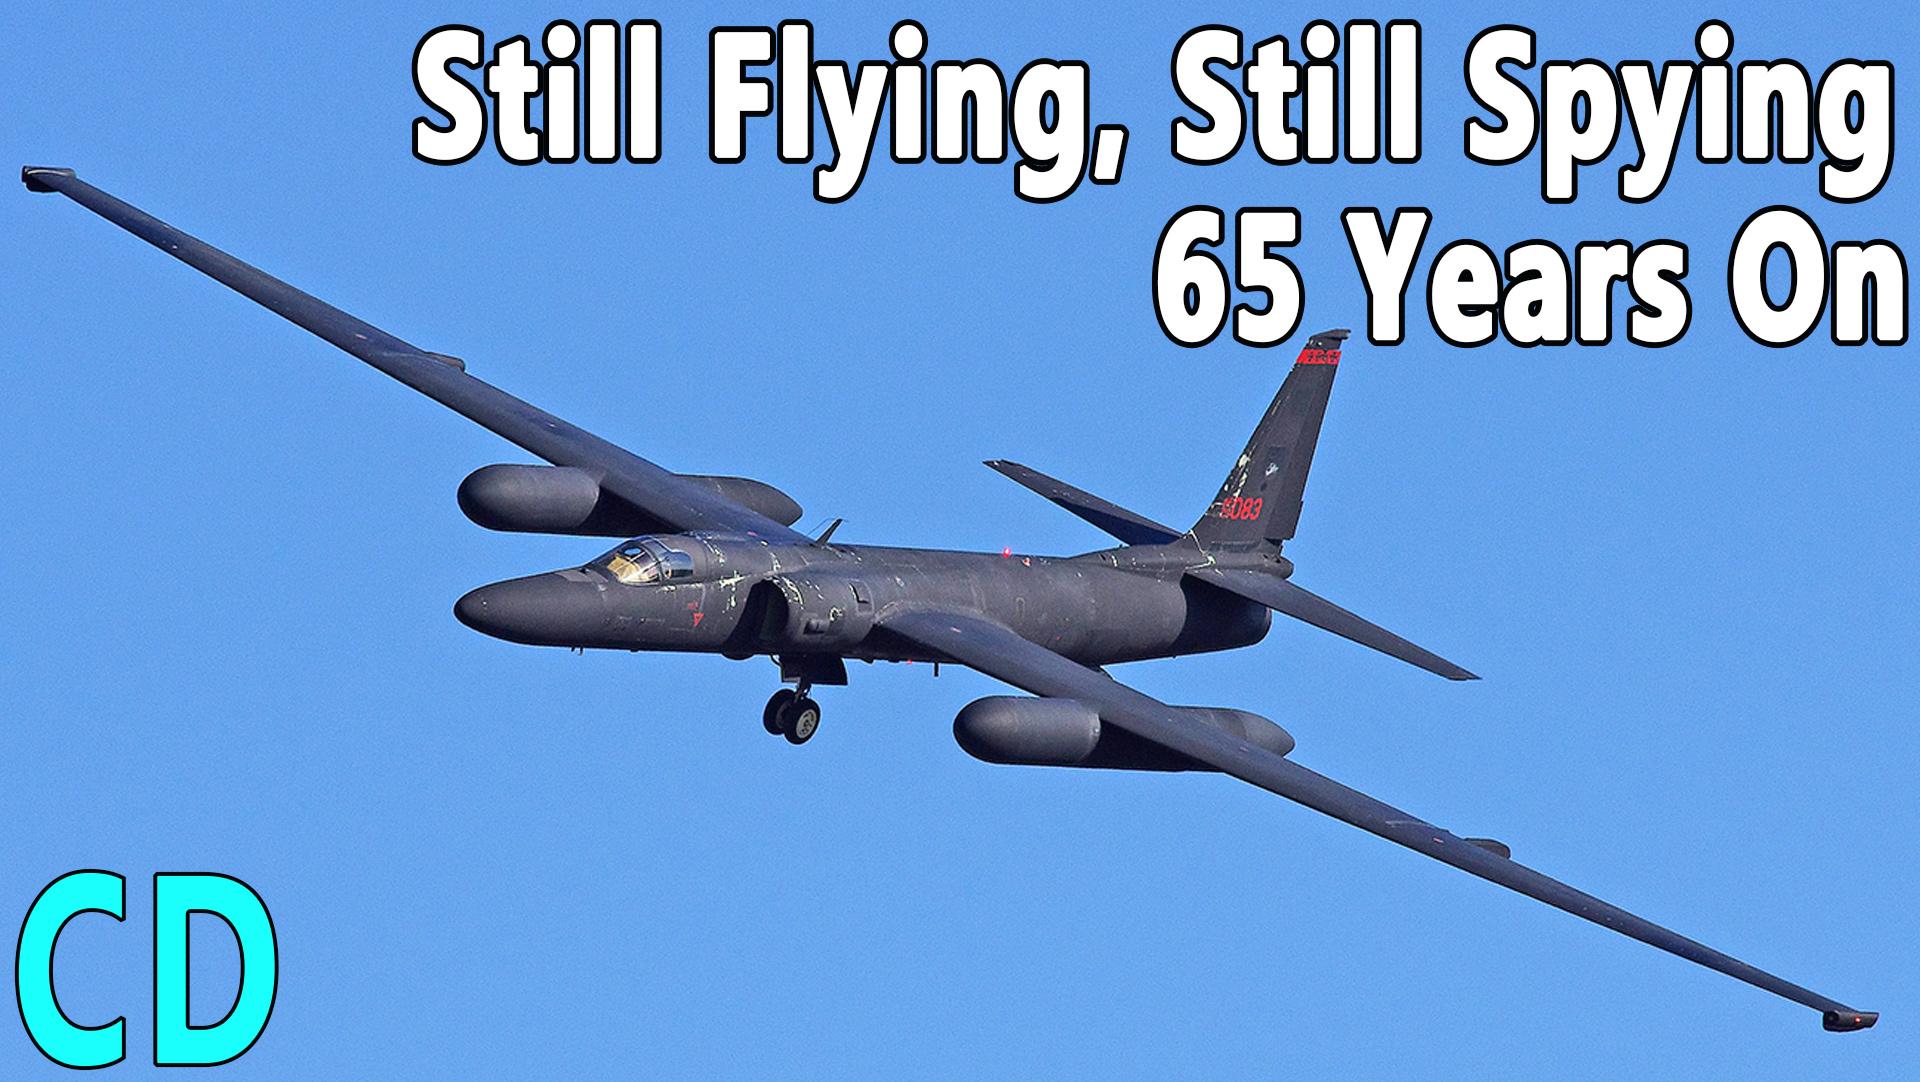 Lockheed U-2 | Why Is It Still Flying & Still Spying 65 Years On?